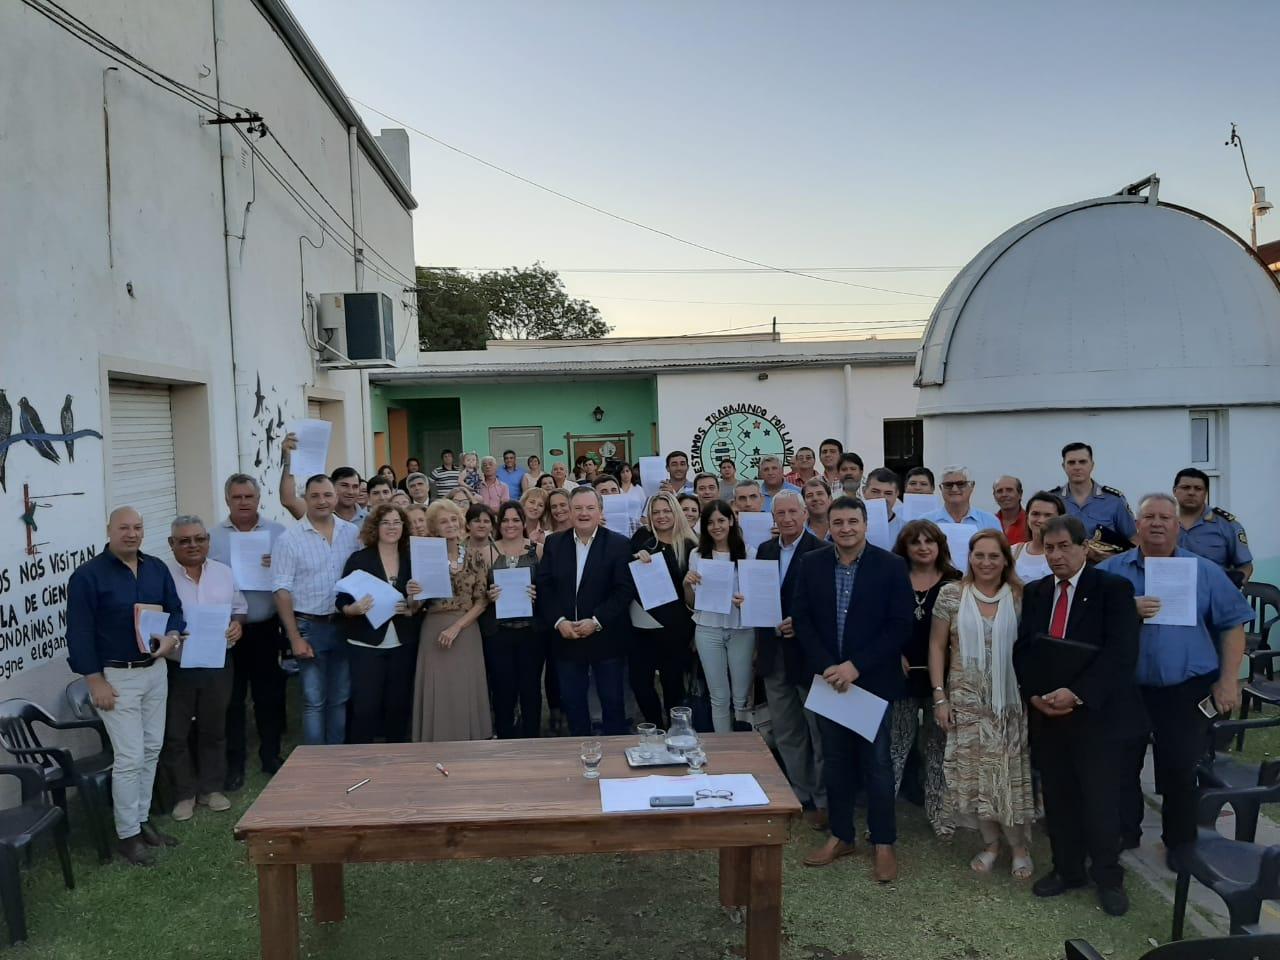 La Red Firmó 30 Convenios En El Departamento San Cristóbal (Santa Fe)